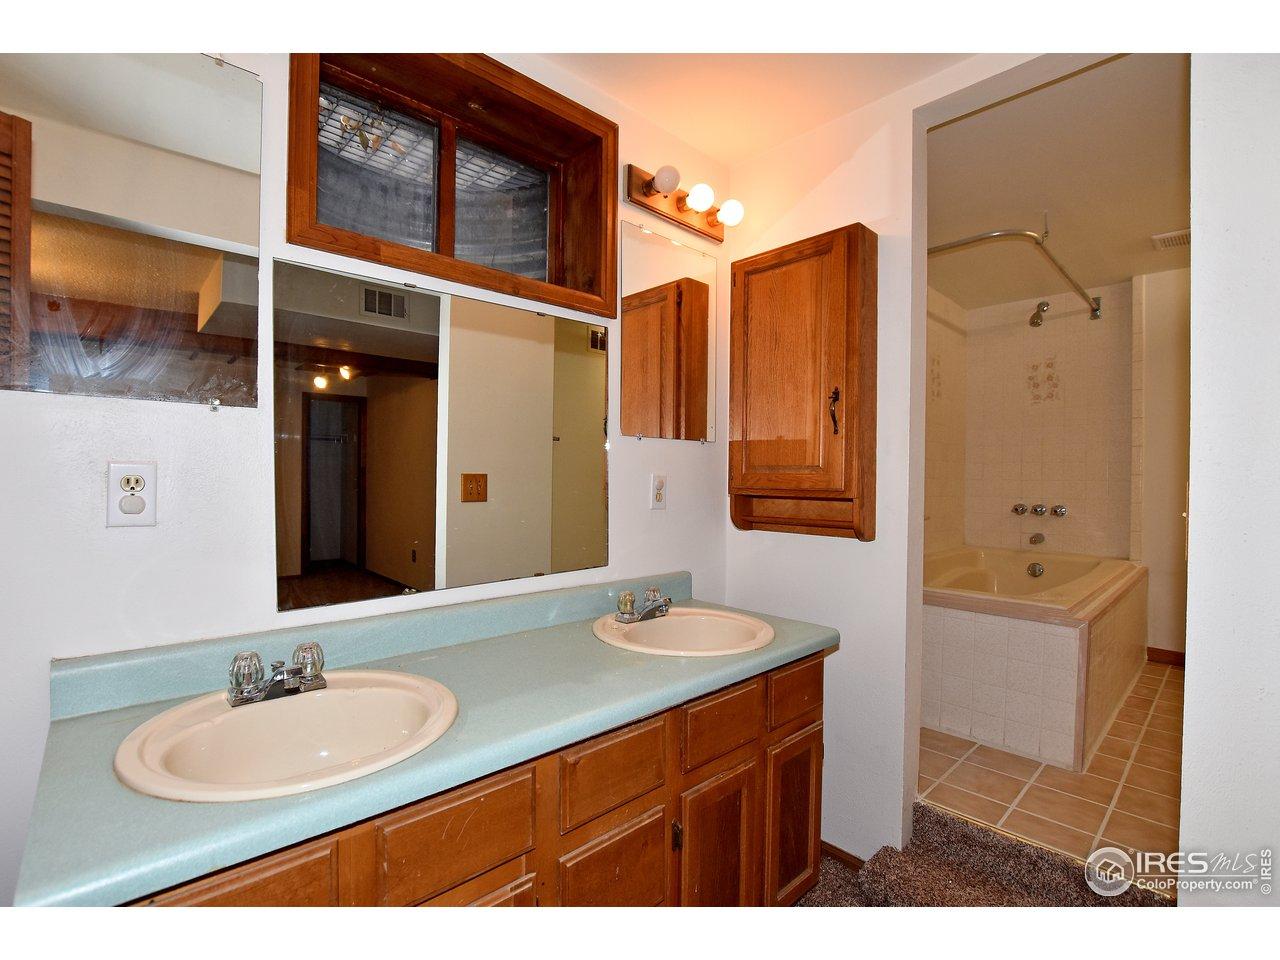 Nice, large bathroom!